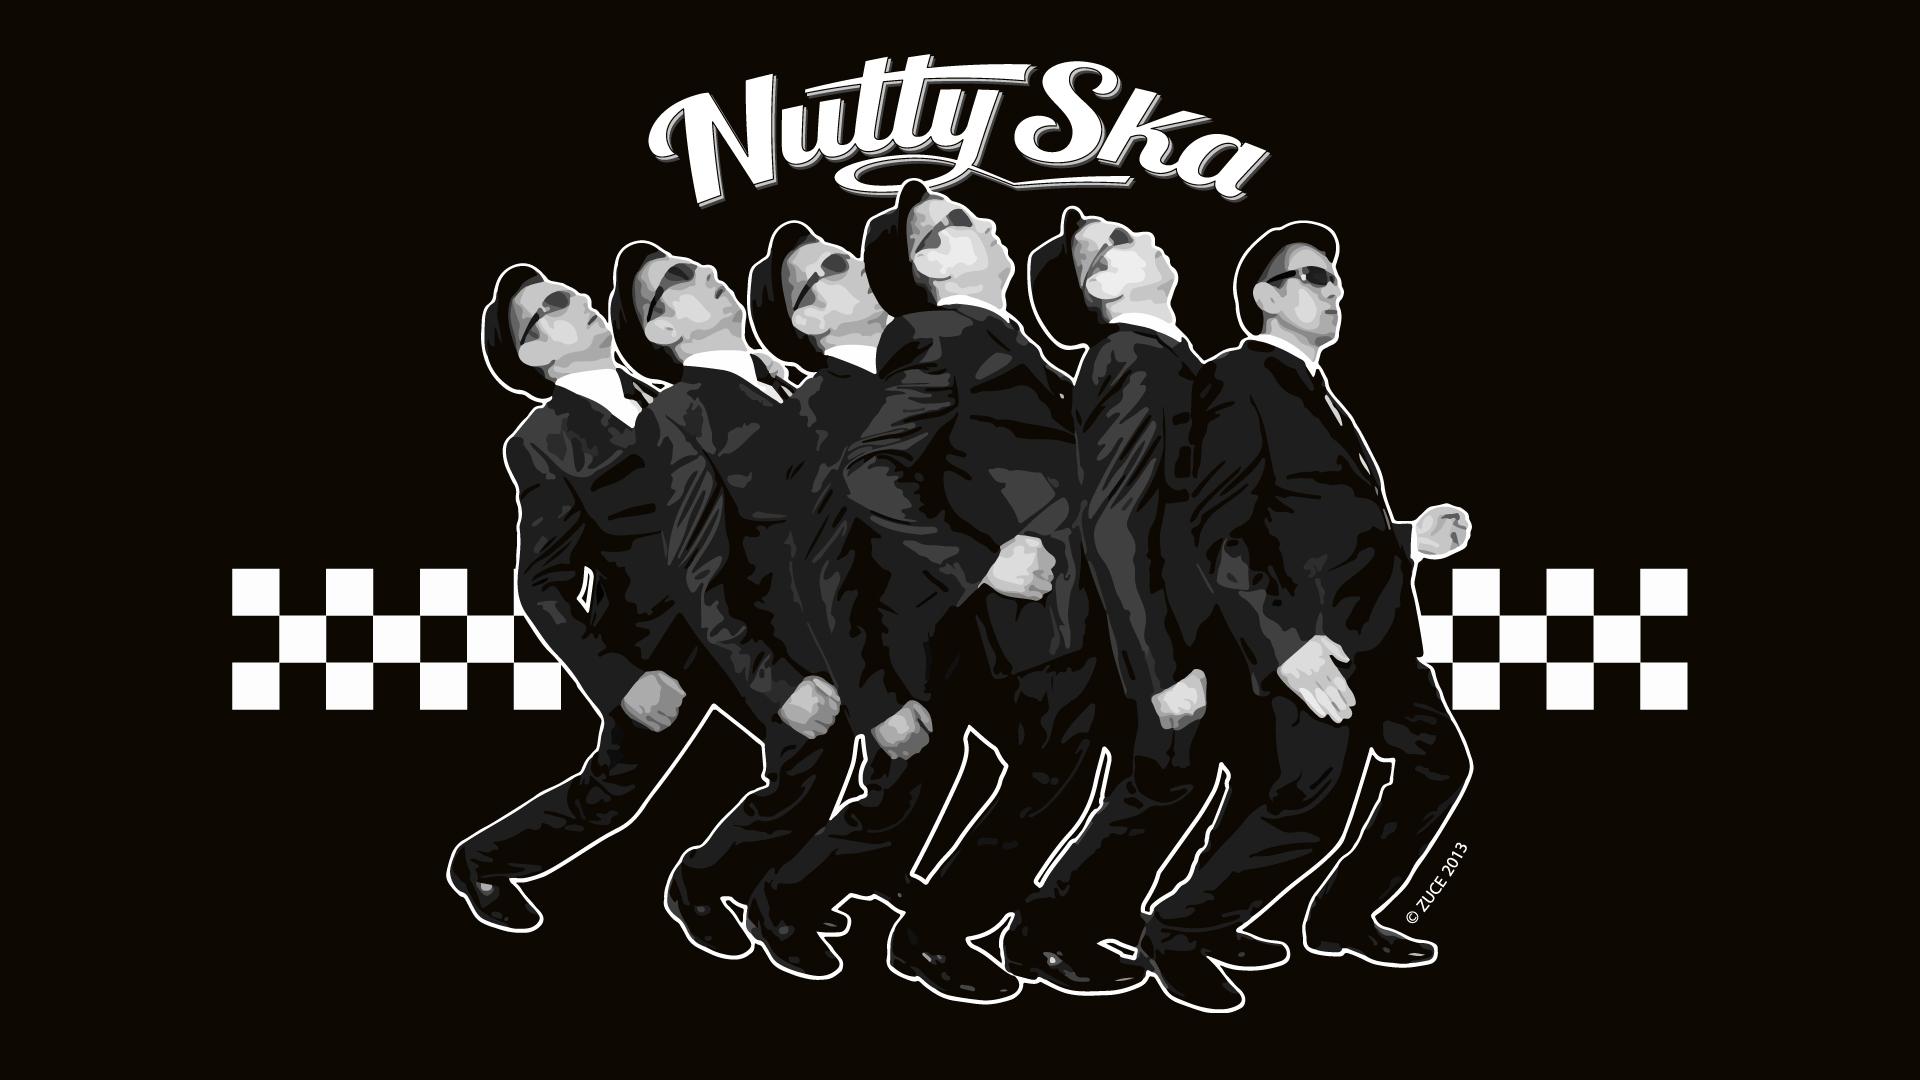 Ska Trubute experience | Nutty Ska